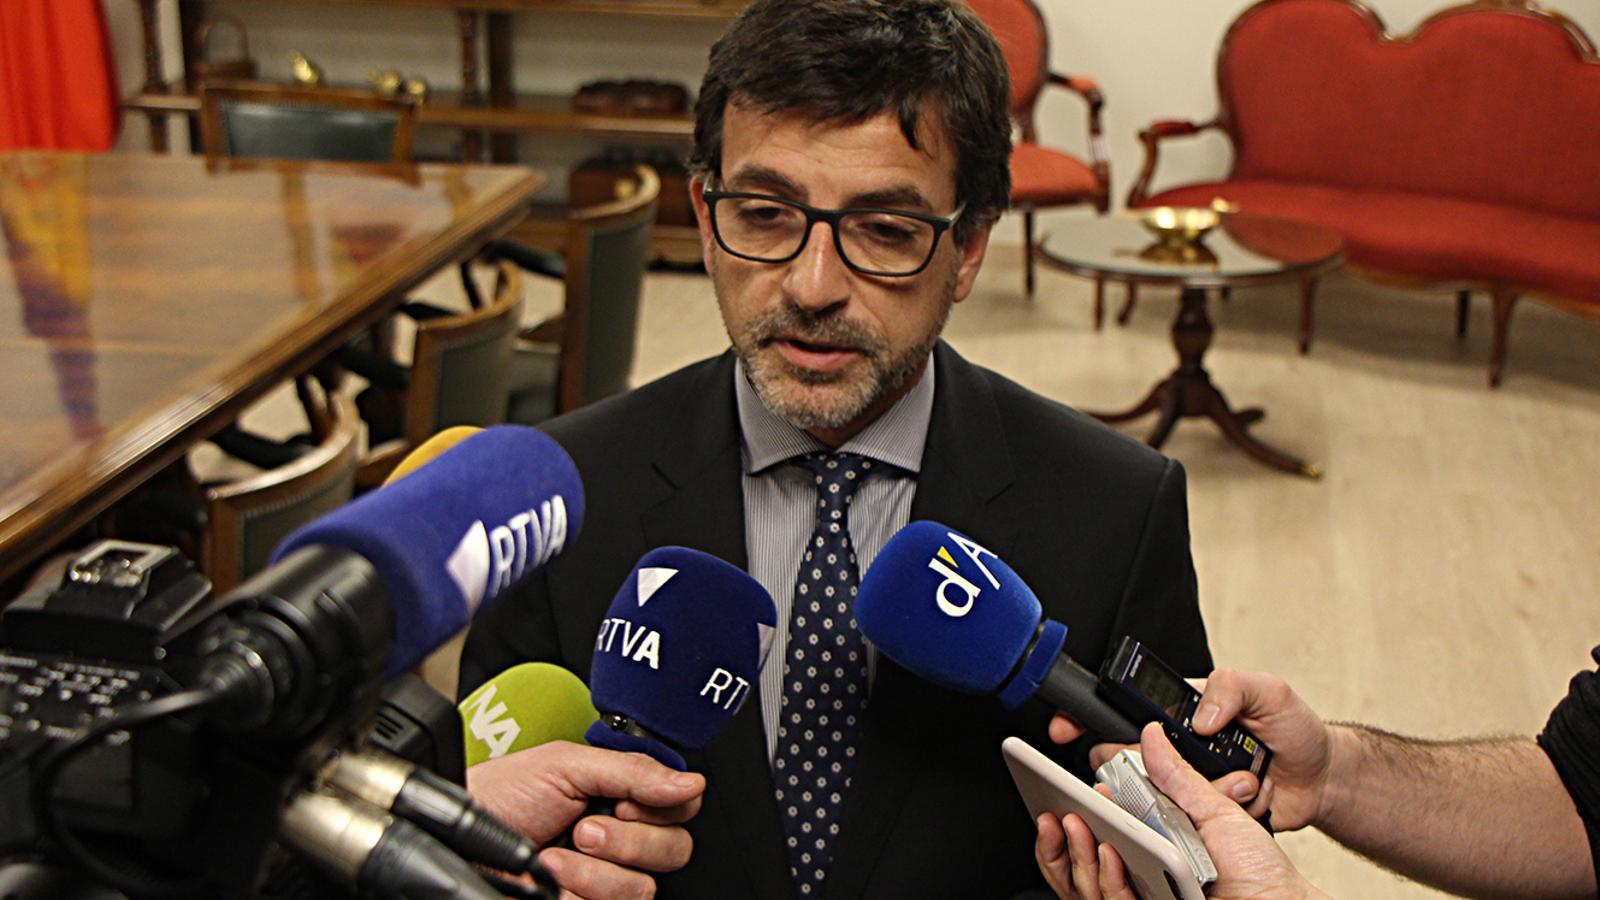 L'exministre de Finances i Portaveu, Jordi Cinca. / ARXIU ANA